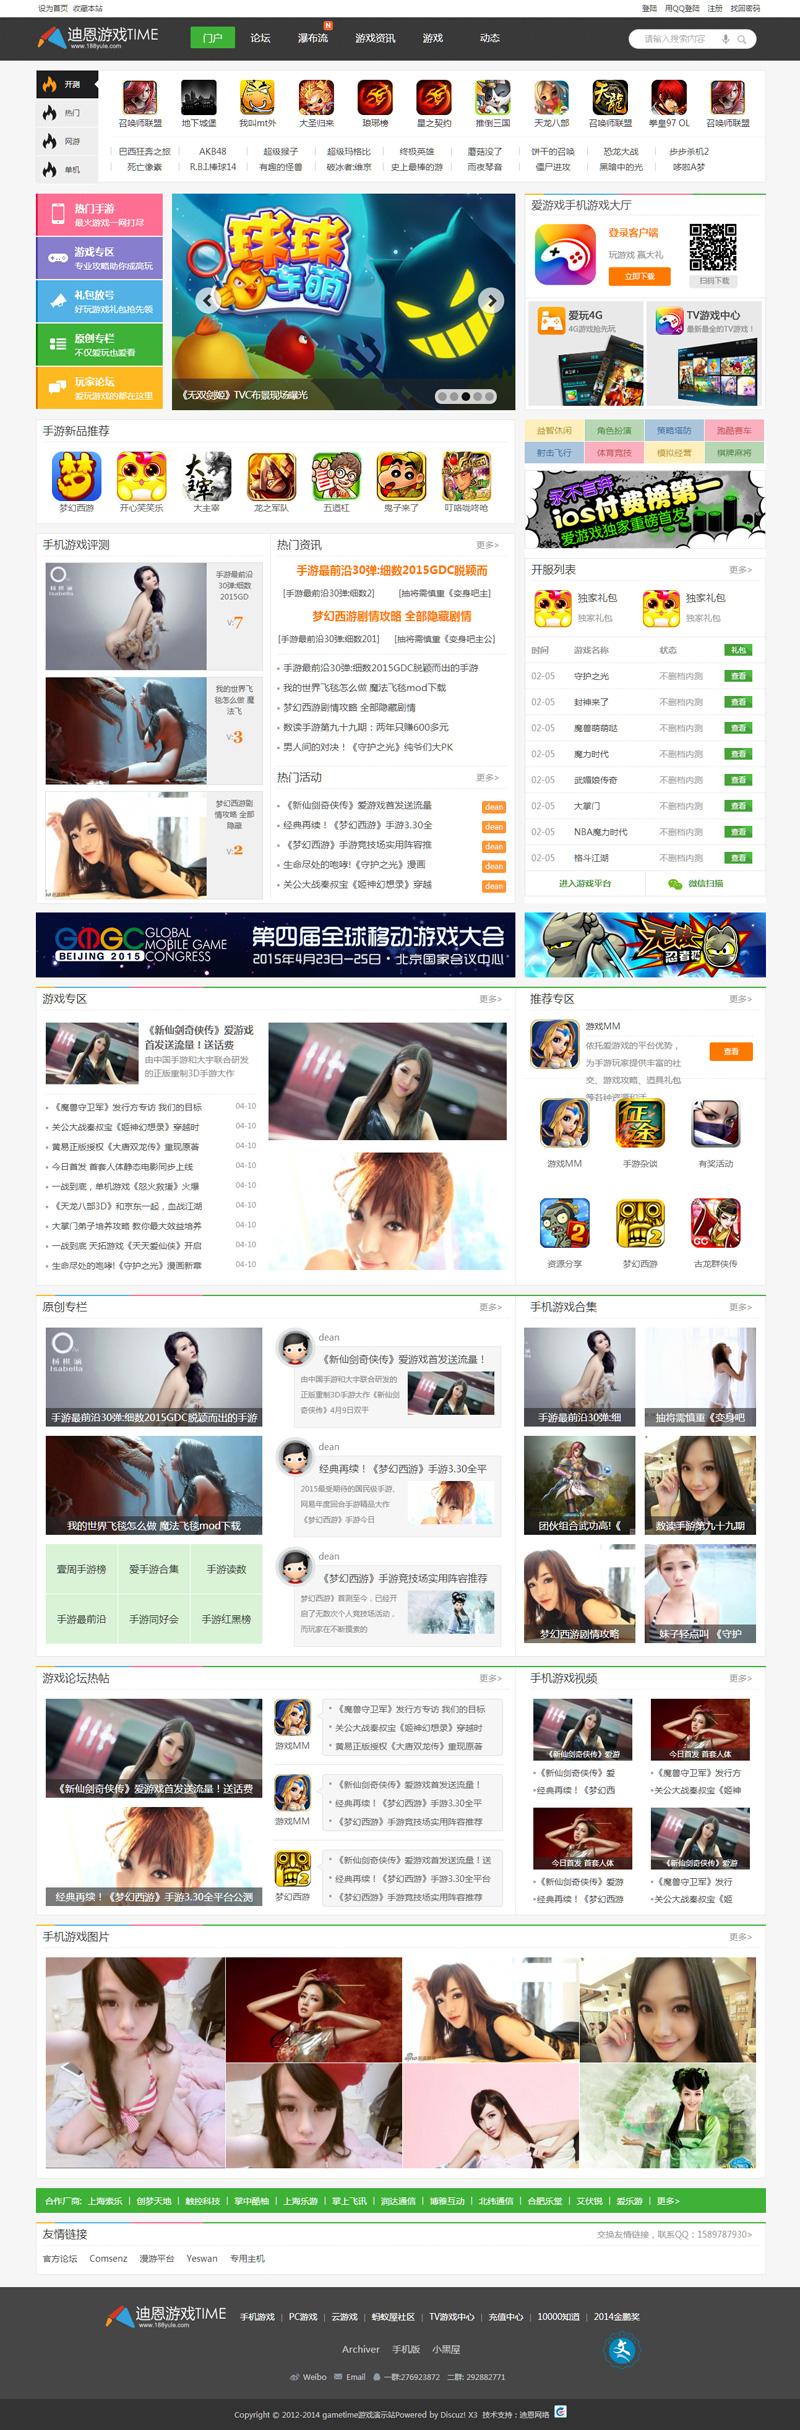 【免费下载】discuz模板:迪恩游戏Time风 商业版GBK+UTF8价值268元